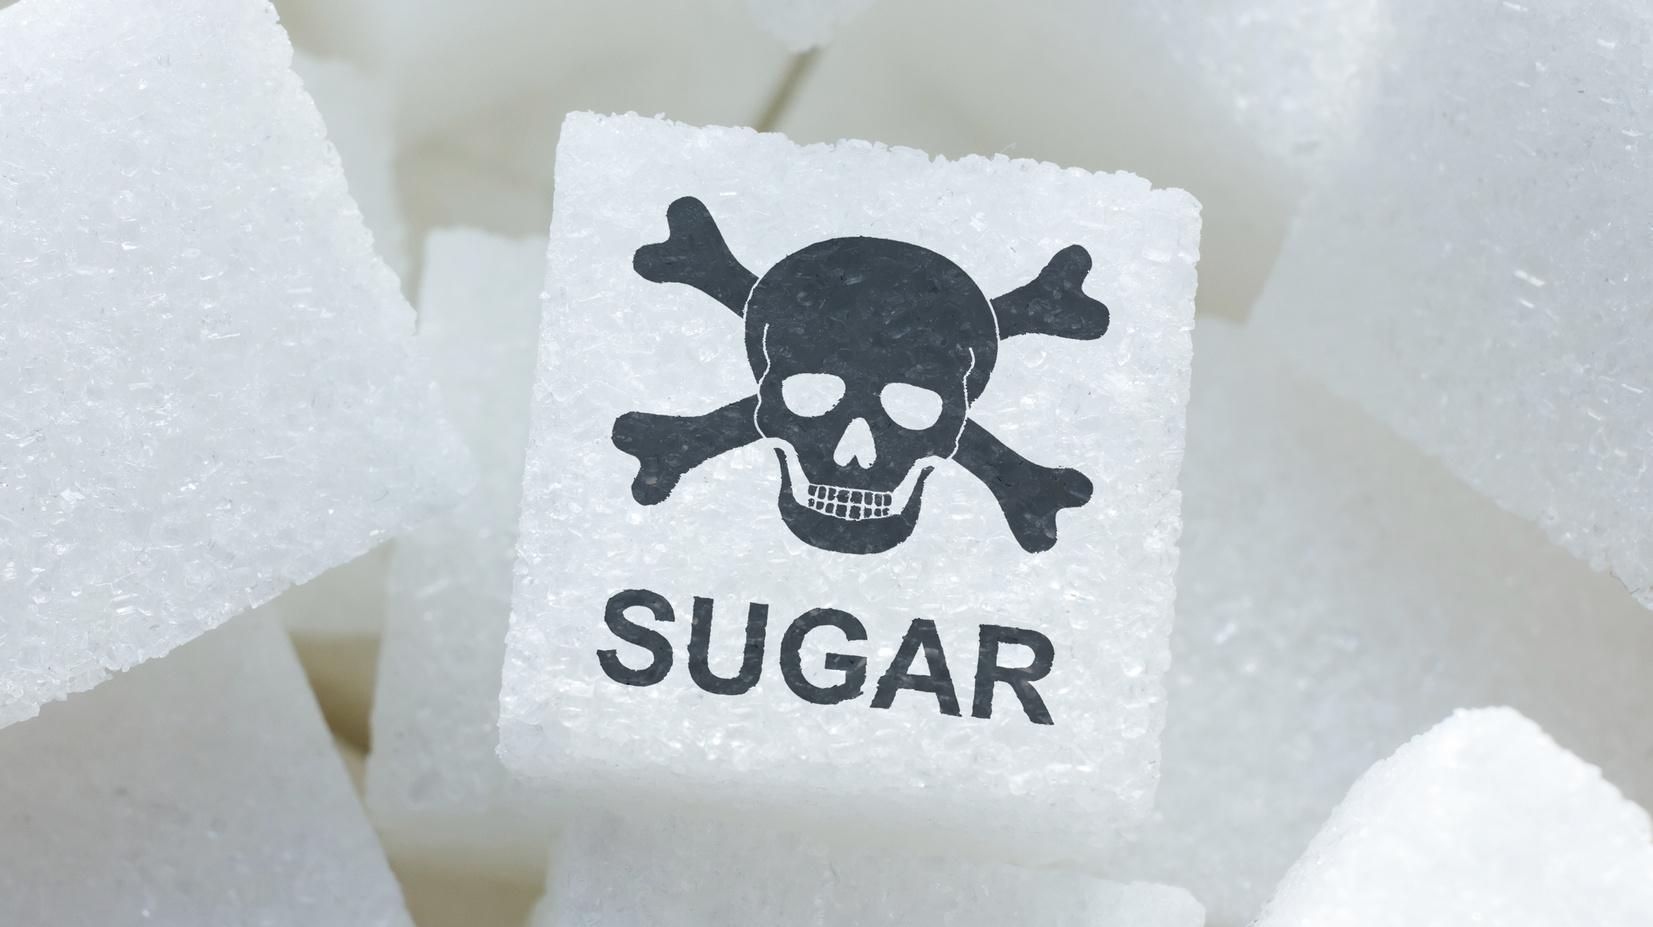 Sugar cubes and skull inscription